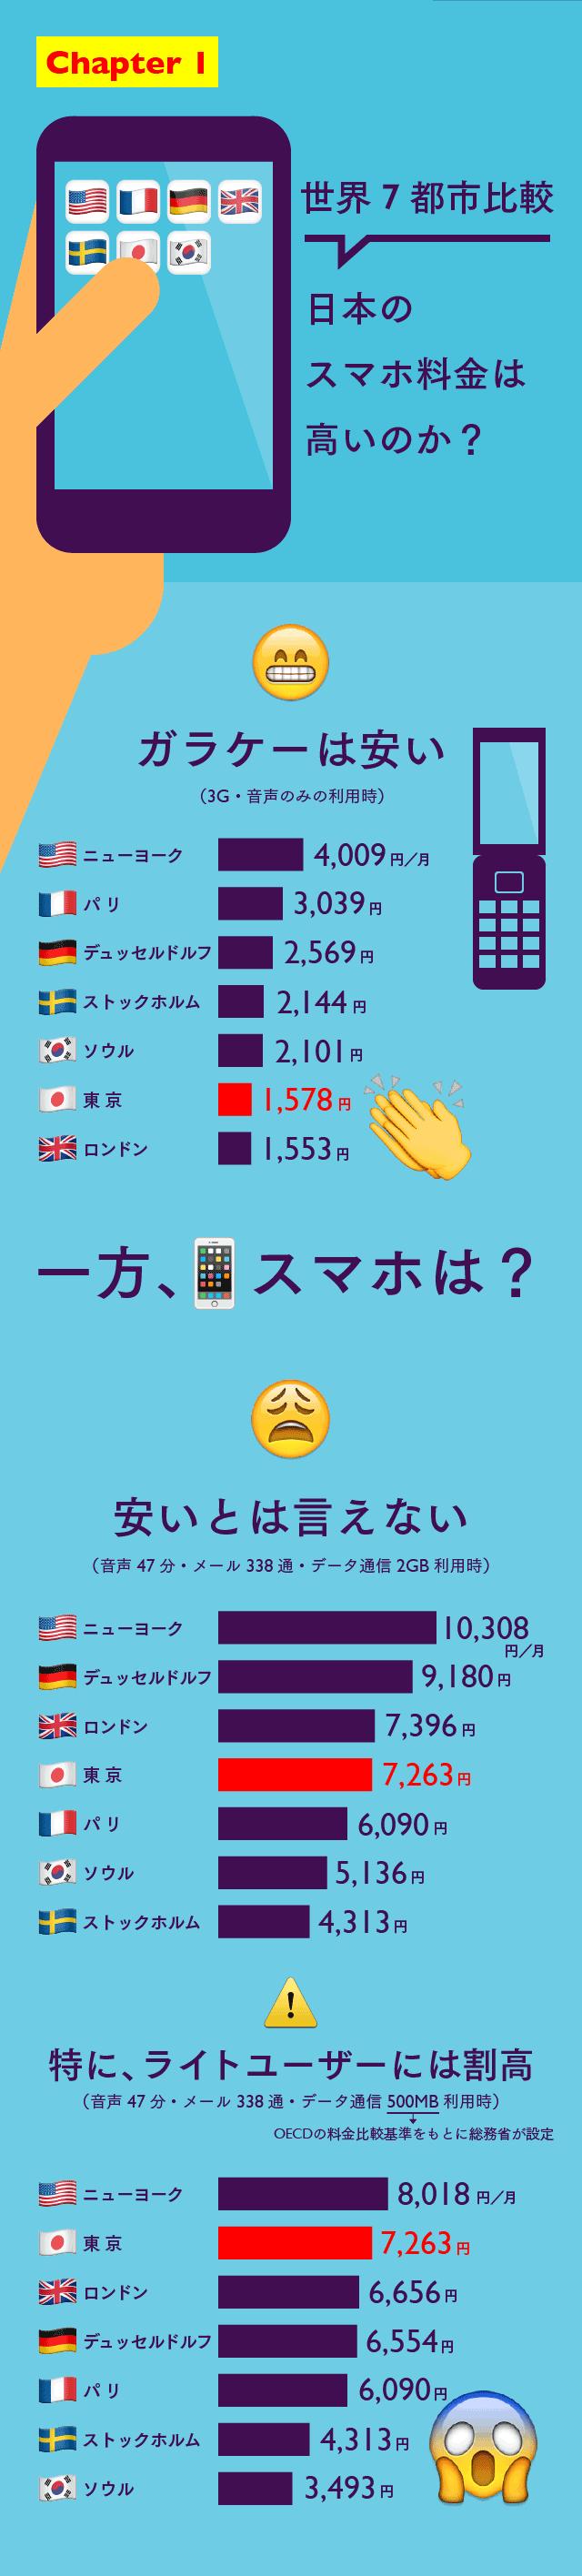 2305【マスター】モバイル#1_20150705-02